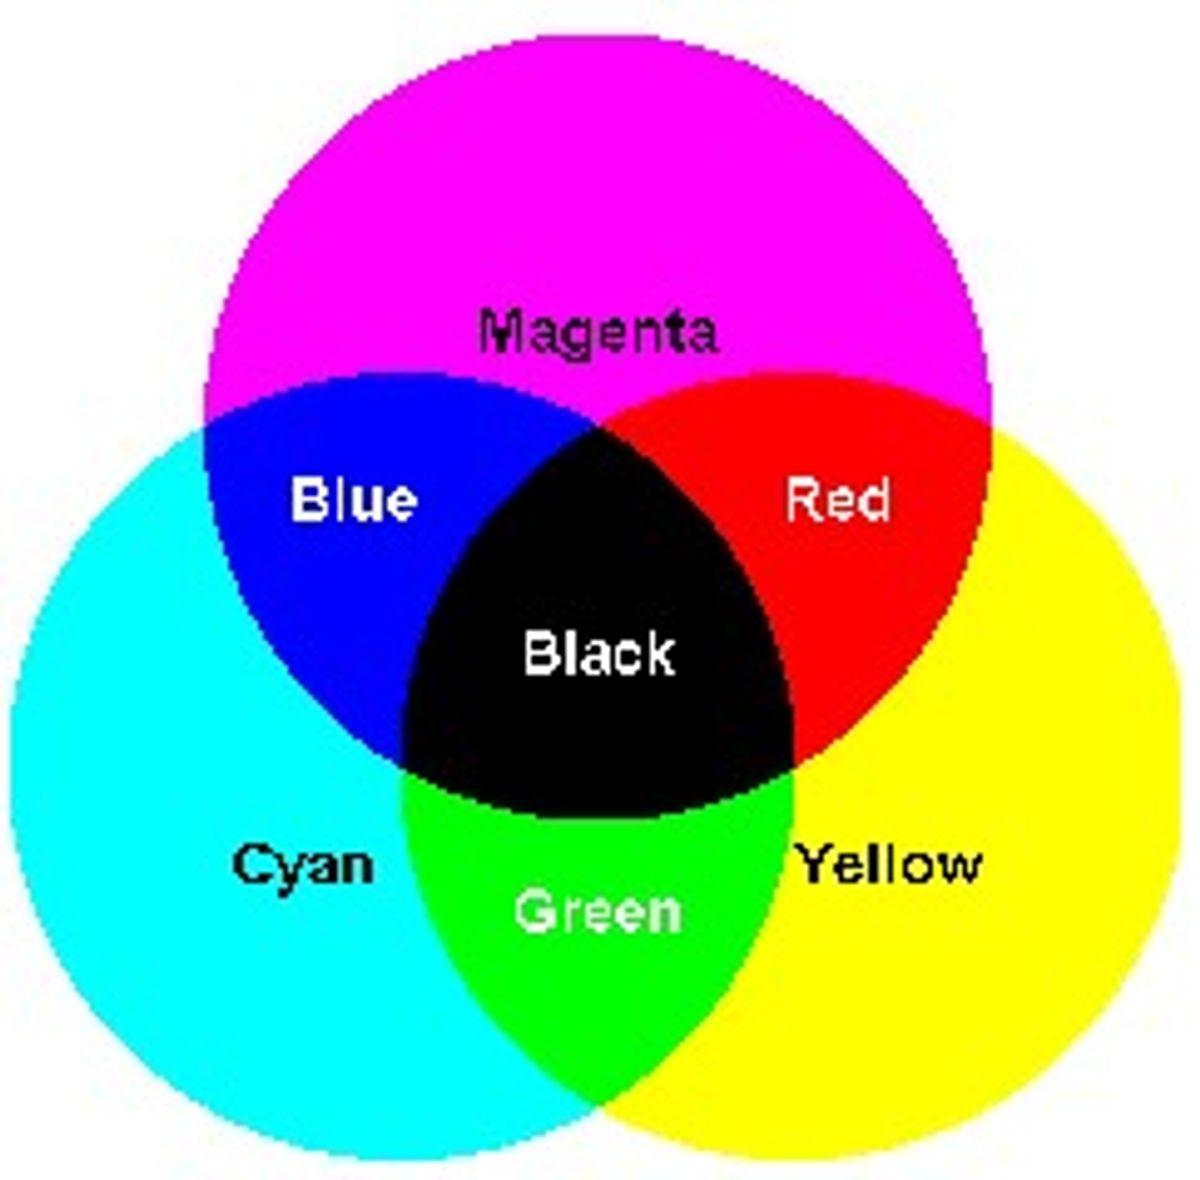 Tại sao khi in ấn dùng hệ màu CMYK mà không dùng RGB?